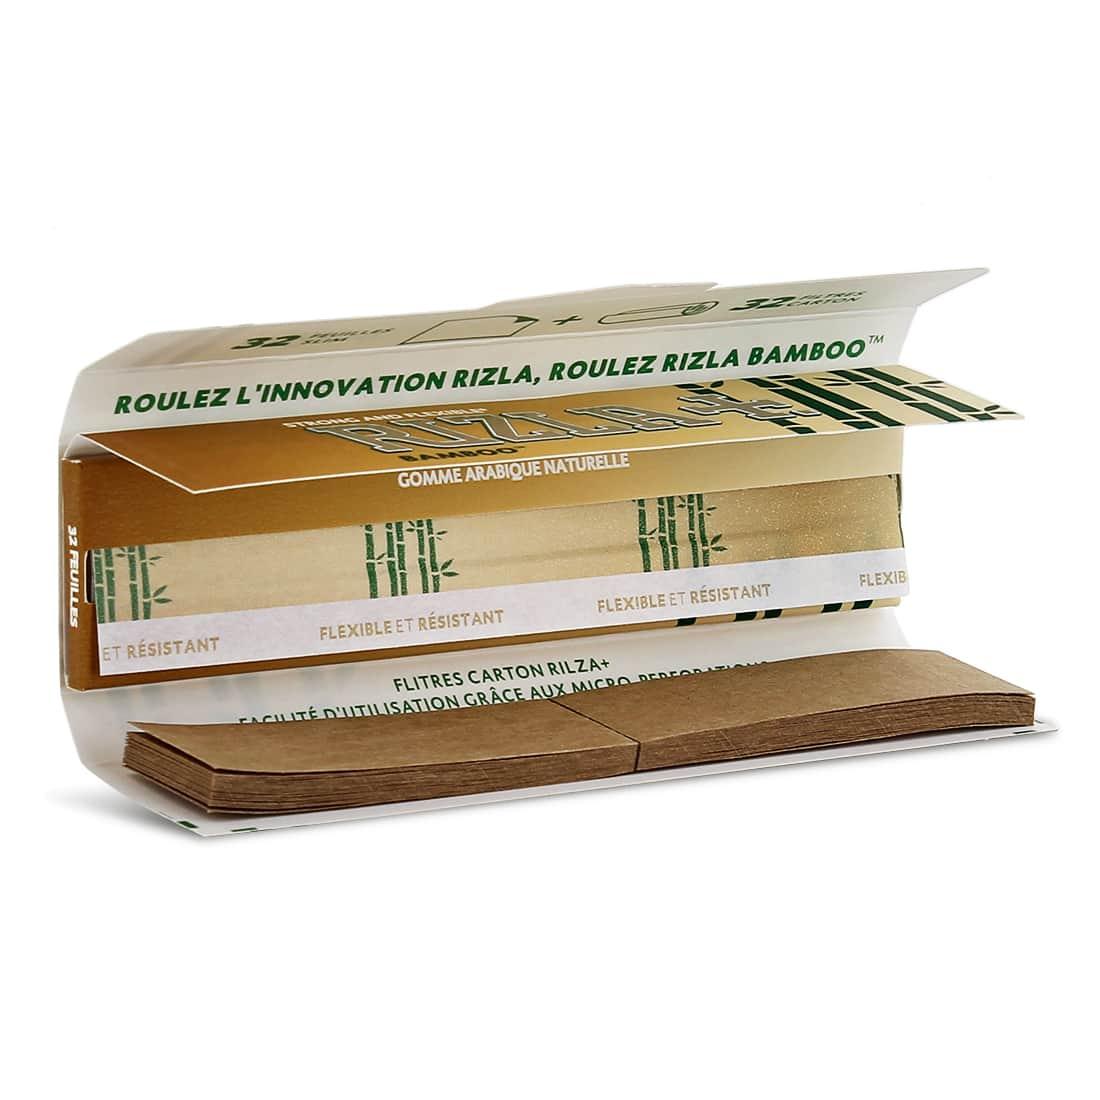 Photo #1 de Papier à rouler Rizla + Bamboo Slim et Tips x 24